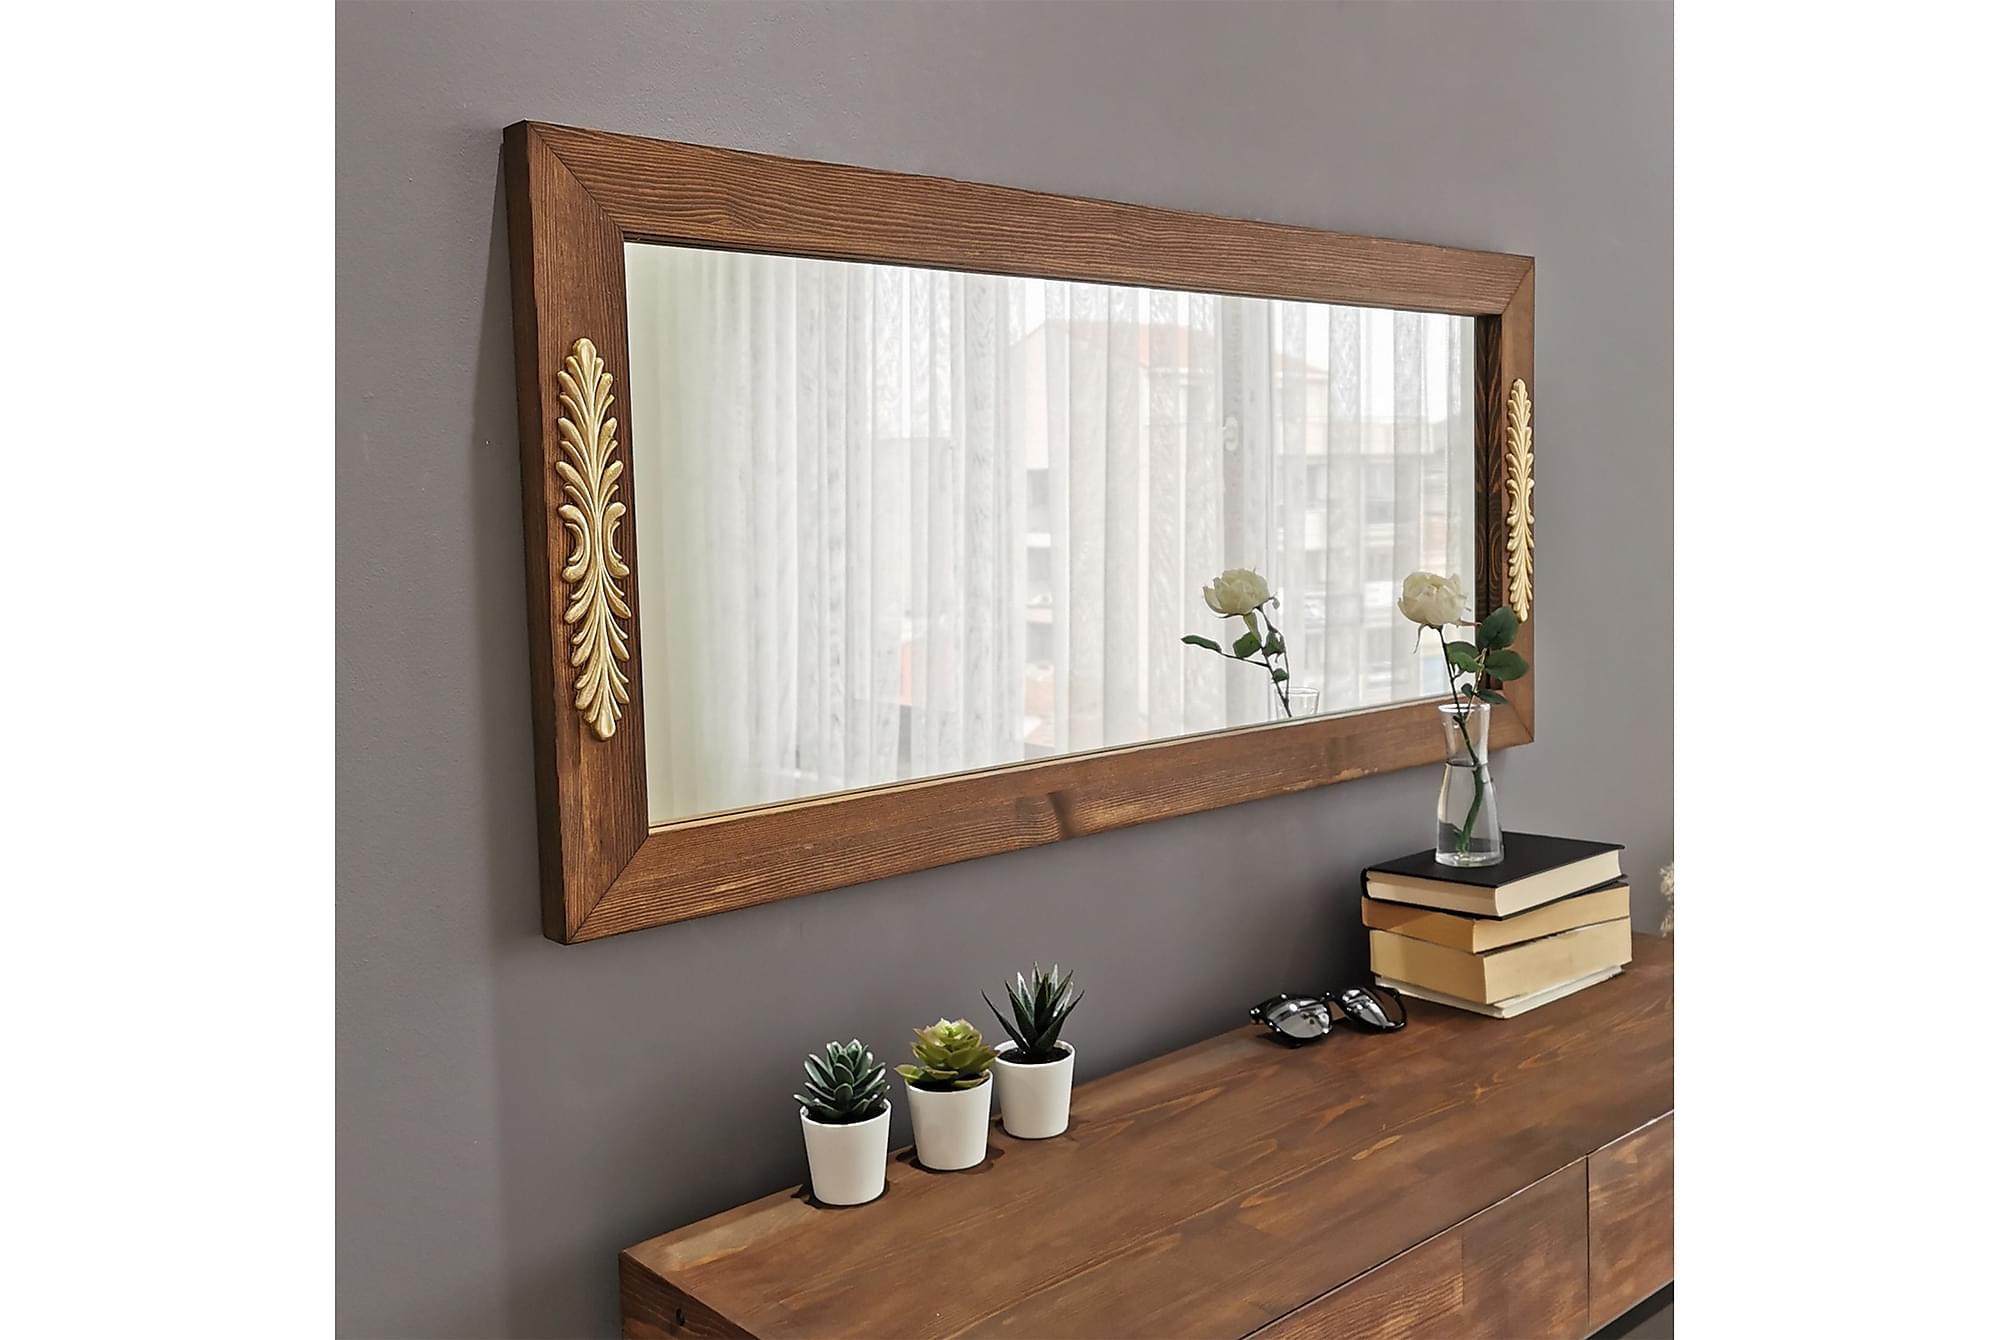 AONESTY Dekorationsspegel 110 cm Valnöt, Speglar